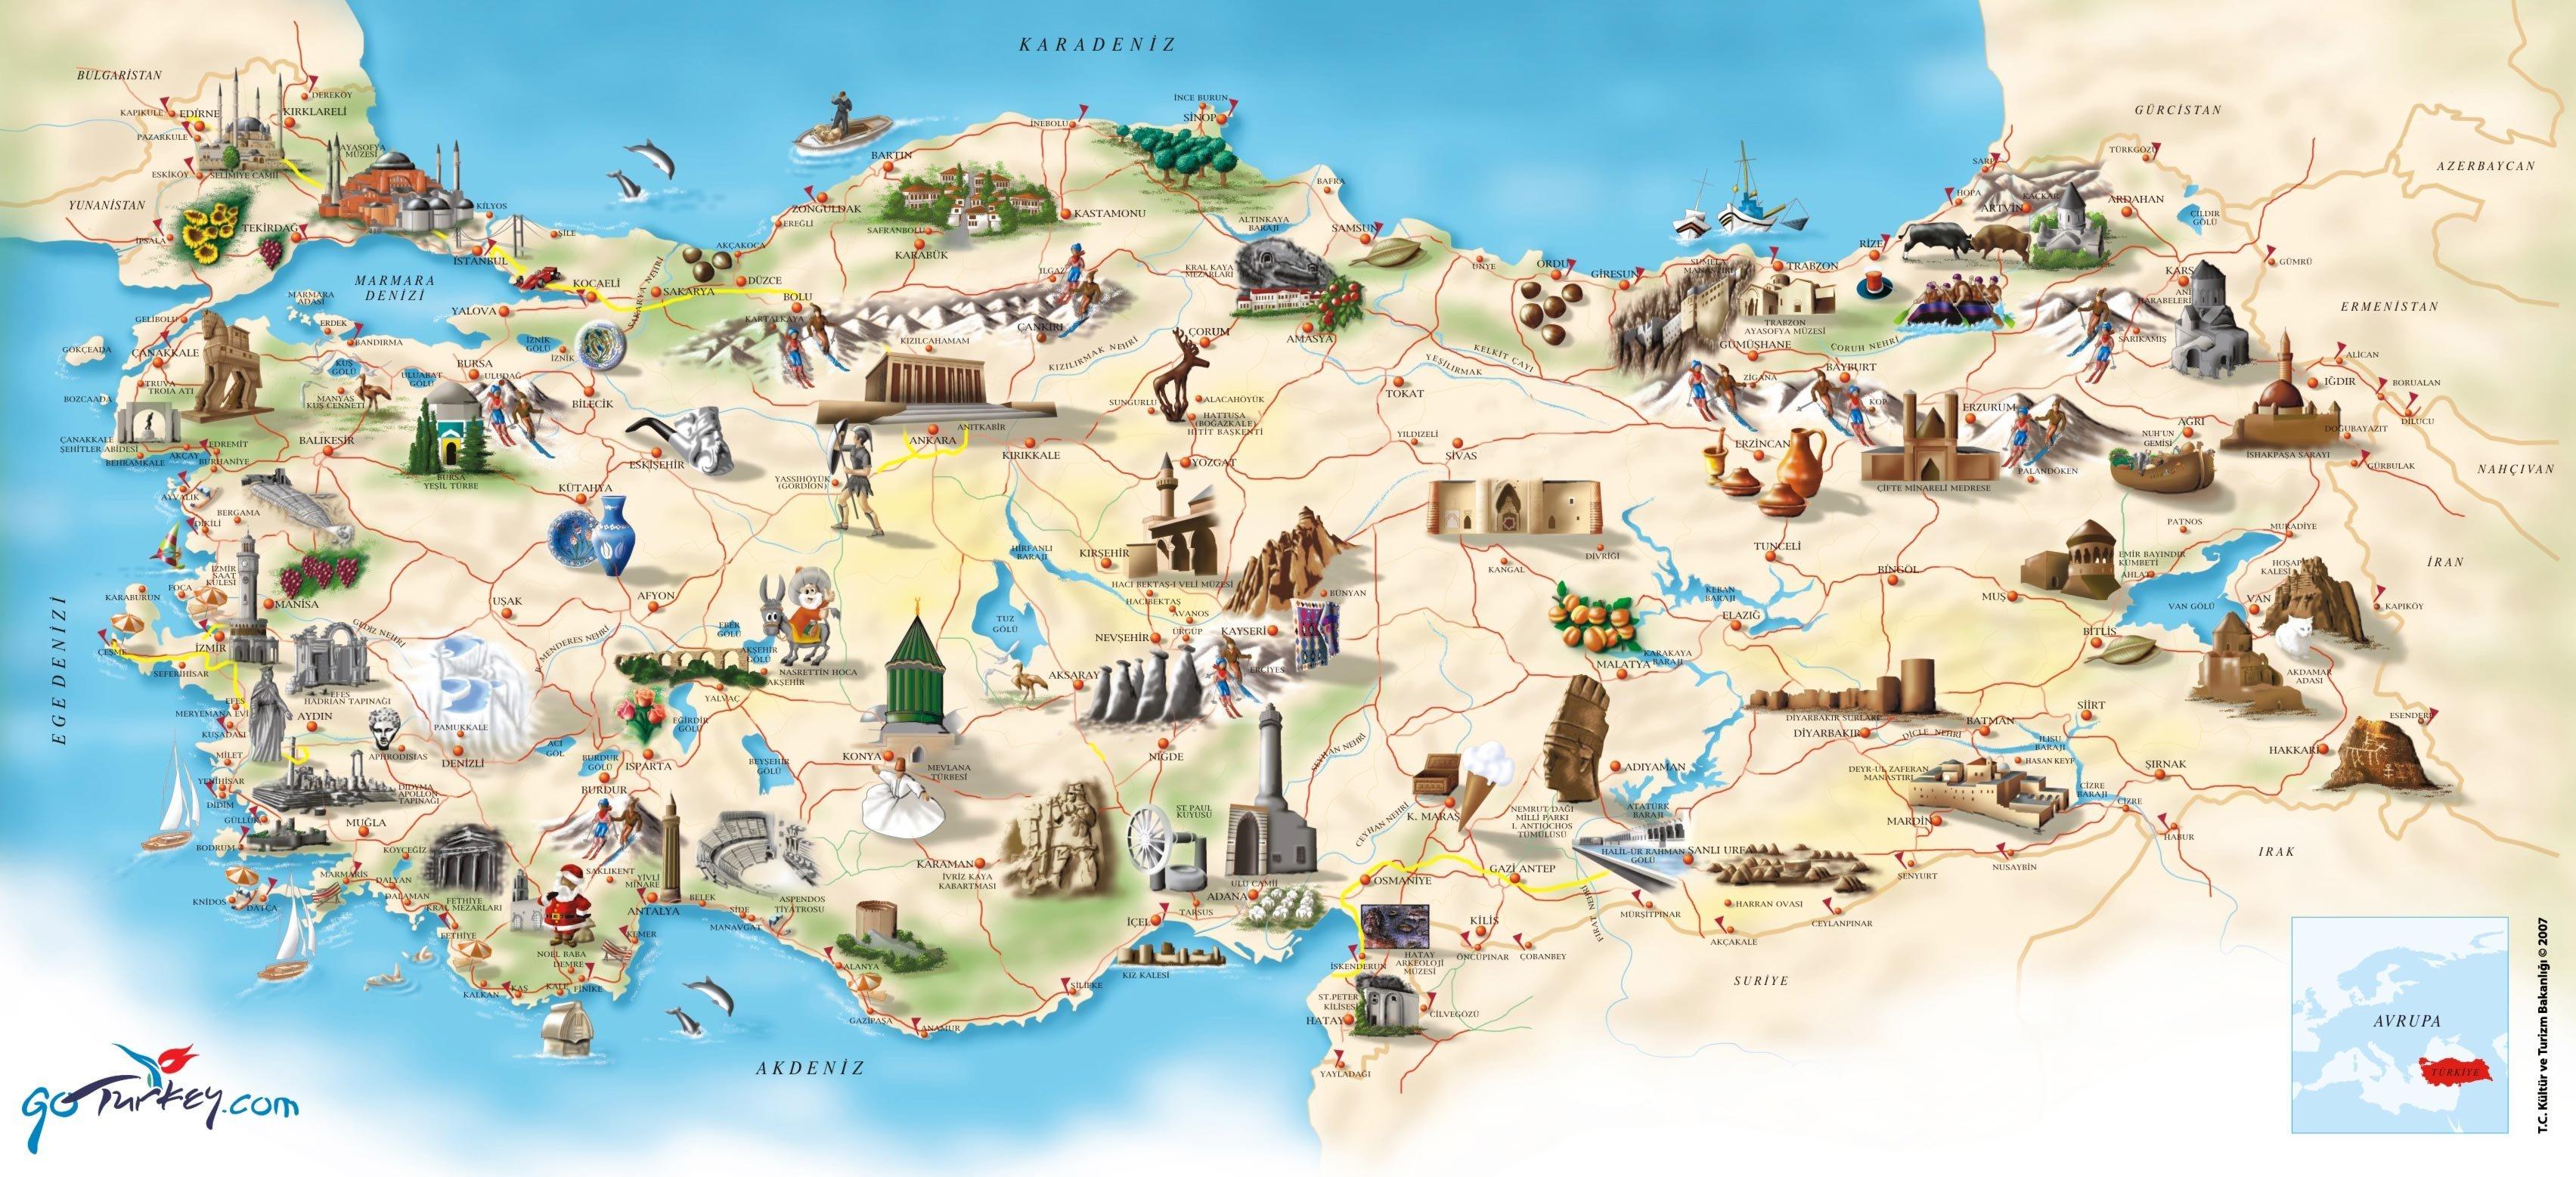 Türkiyenin Turizm Haritası